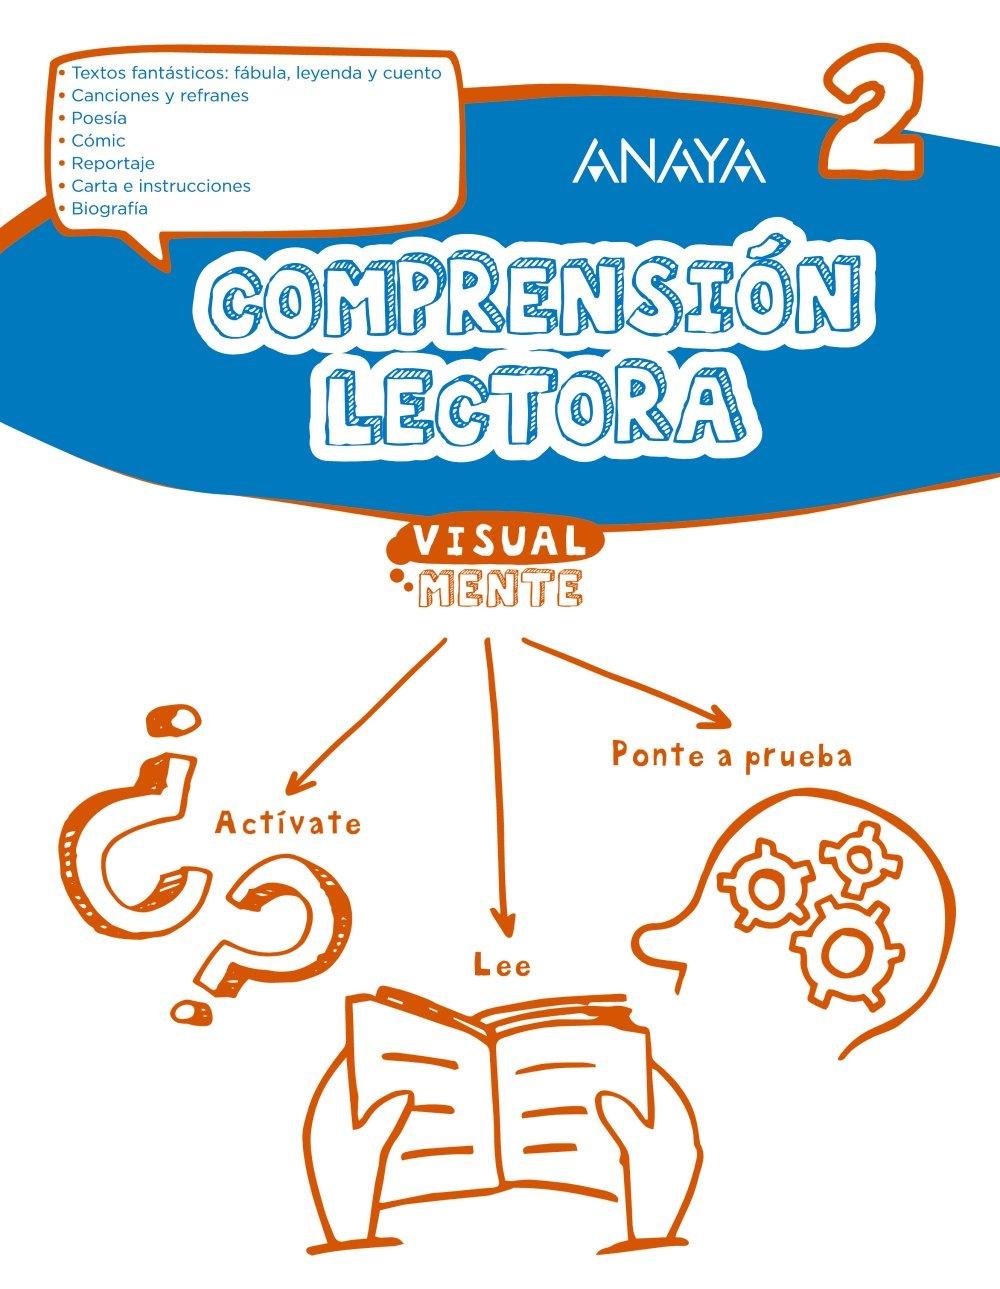 Comprensión lectora 2. (Visualmente) - 9788469831649: Amazon.es: Anaya Educación: Libros